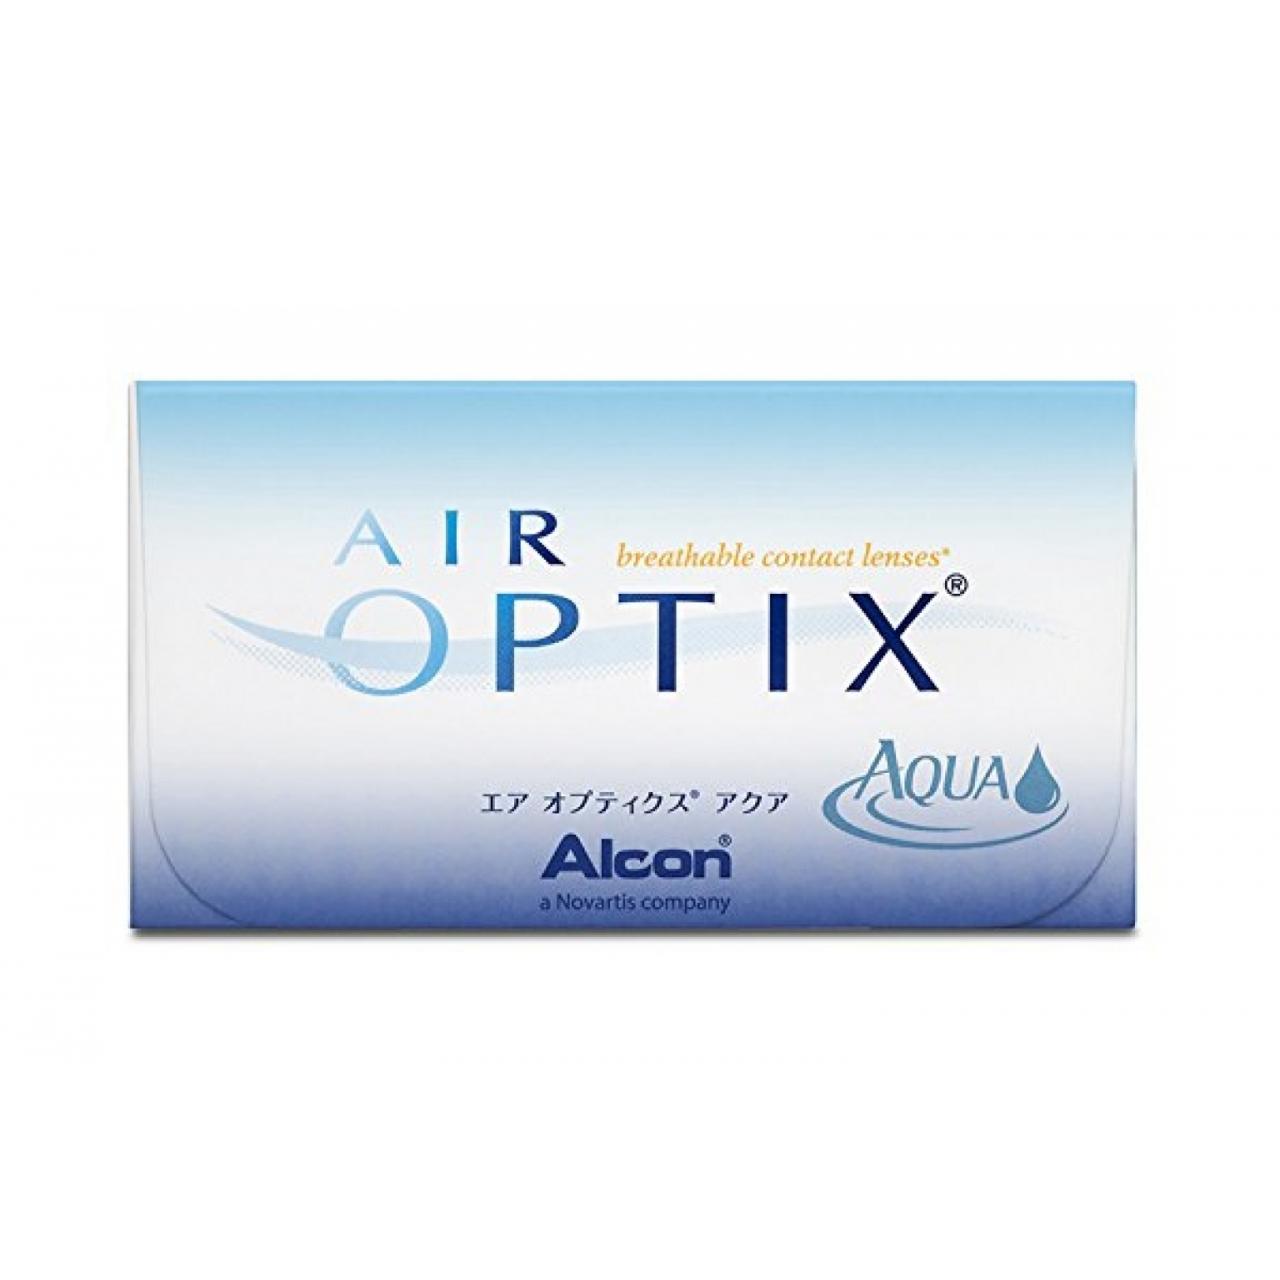 air optix aqua test. Black Bedroom Furniture Sets. Home Design Ideas